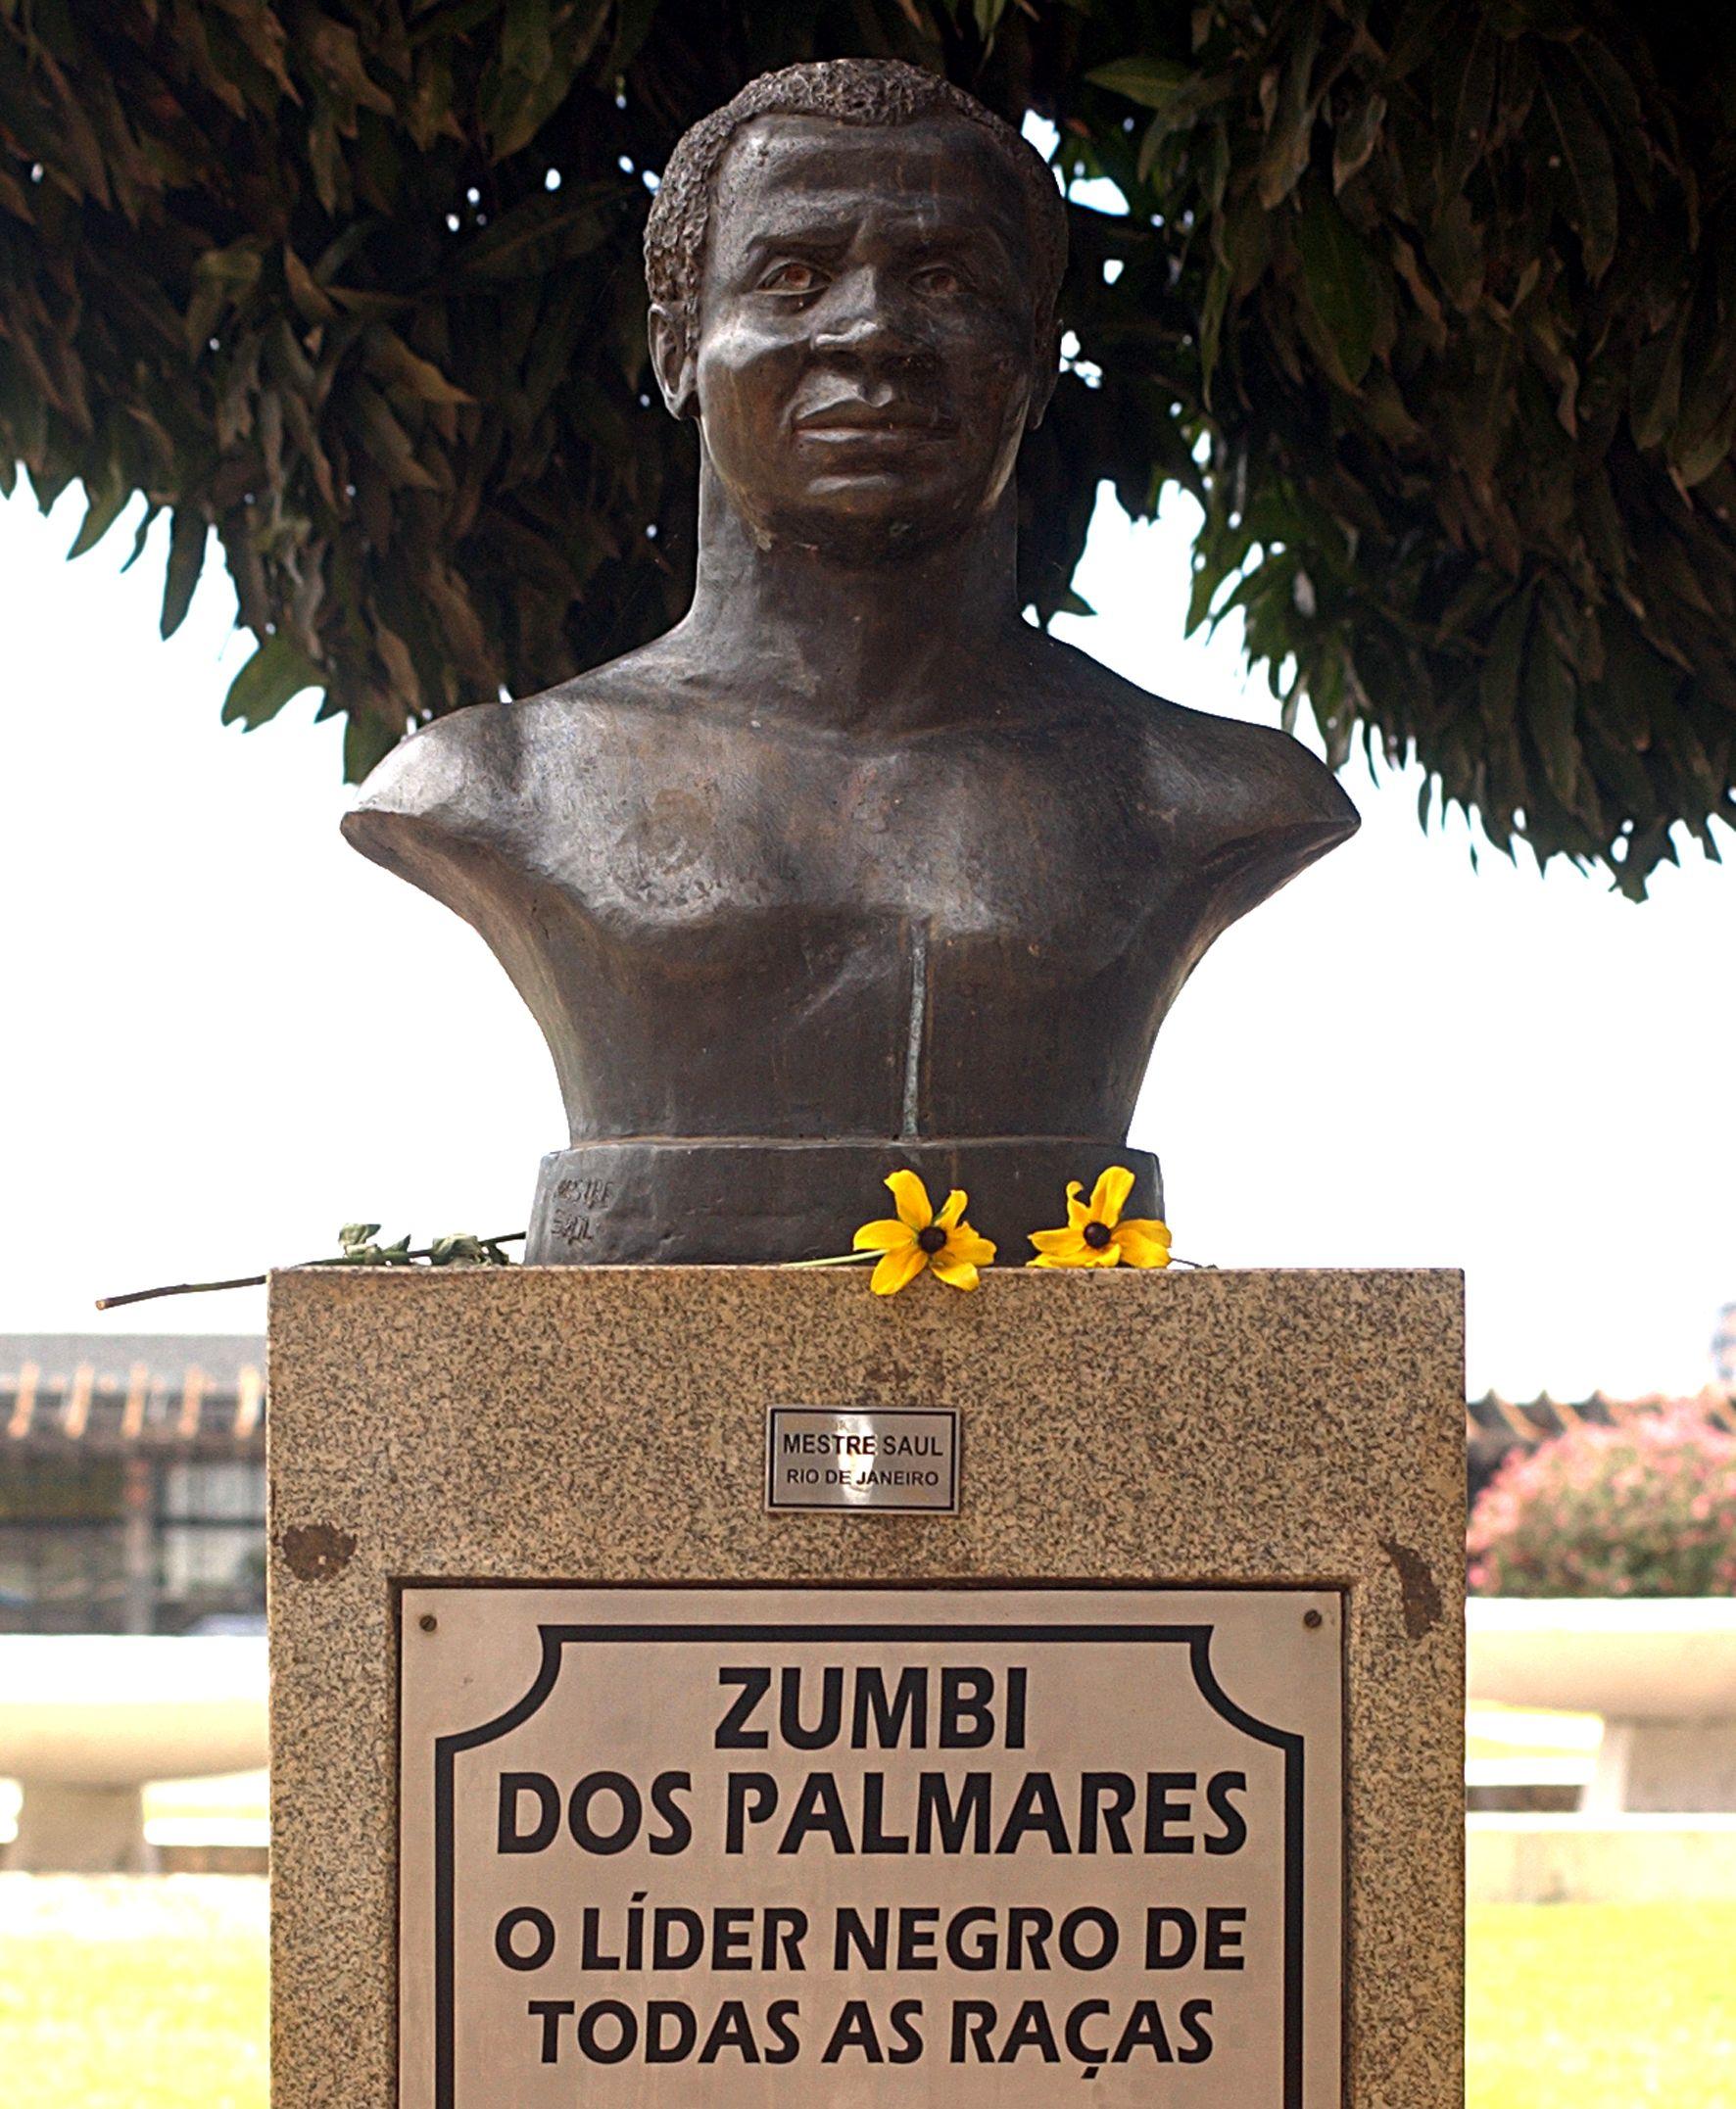 Popiersie brazylijskiego bohatera walk niewolników z kolonizatorami, Zumbiego, w Brasilii (fot. Elza Fiúza/ABr, lic. CC BY 3.0 br).